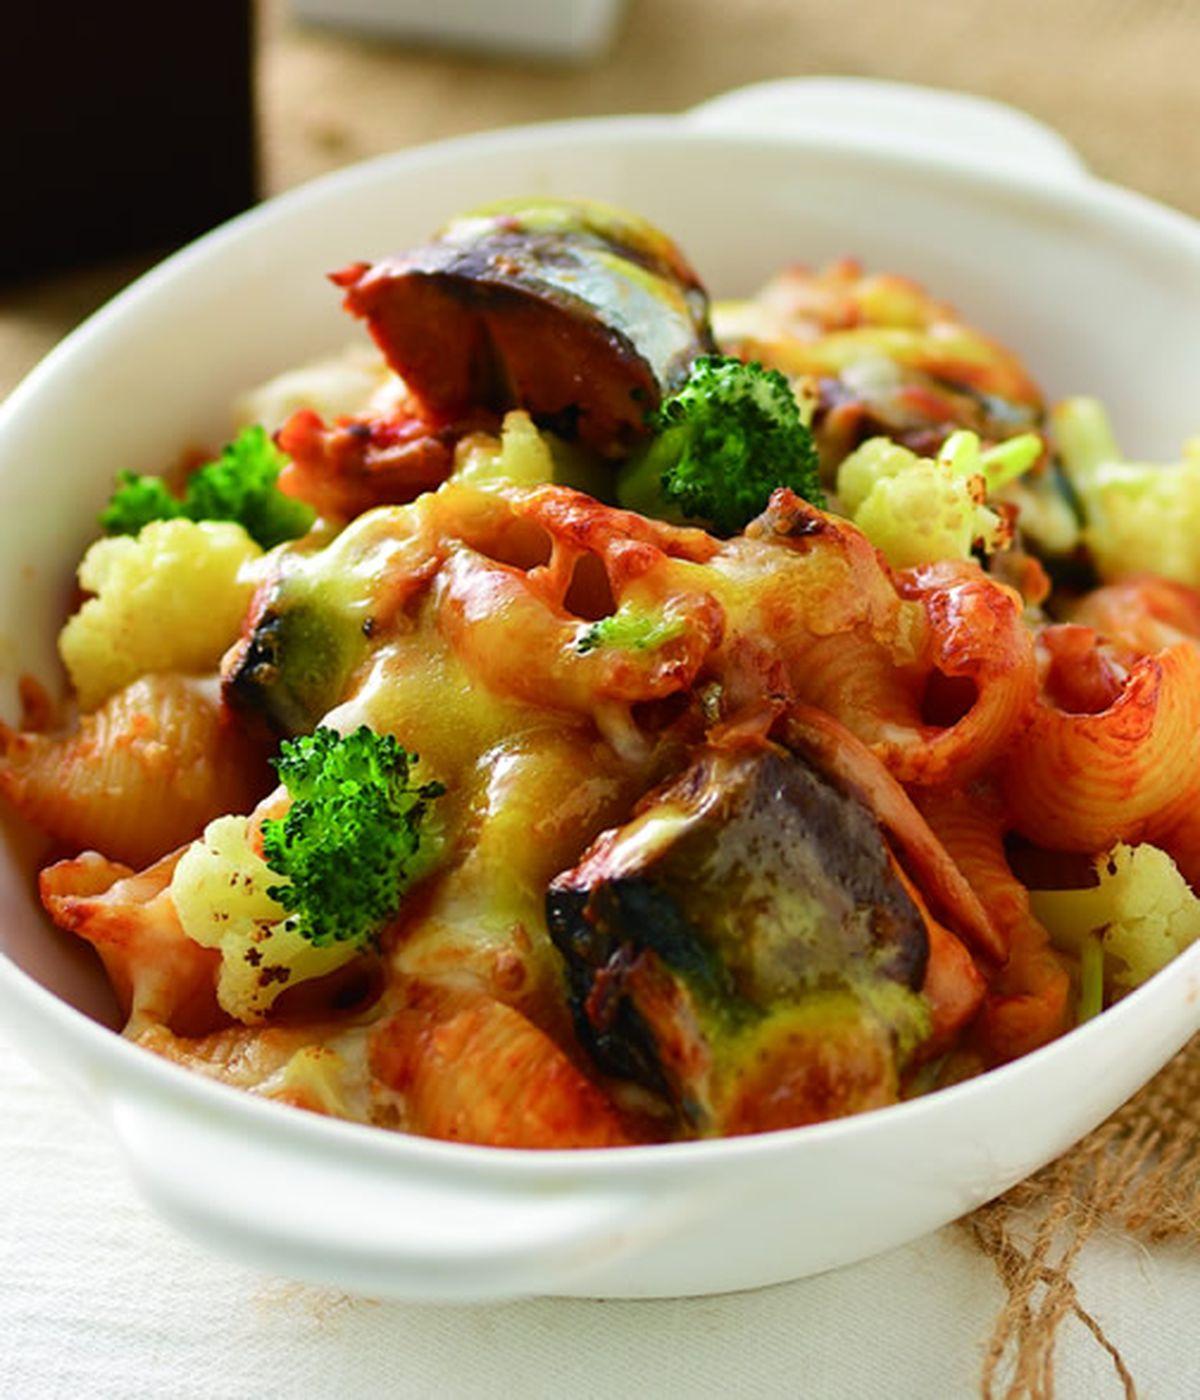 食譜:茄汁鯖魚焗貝殼麵